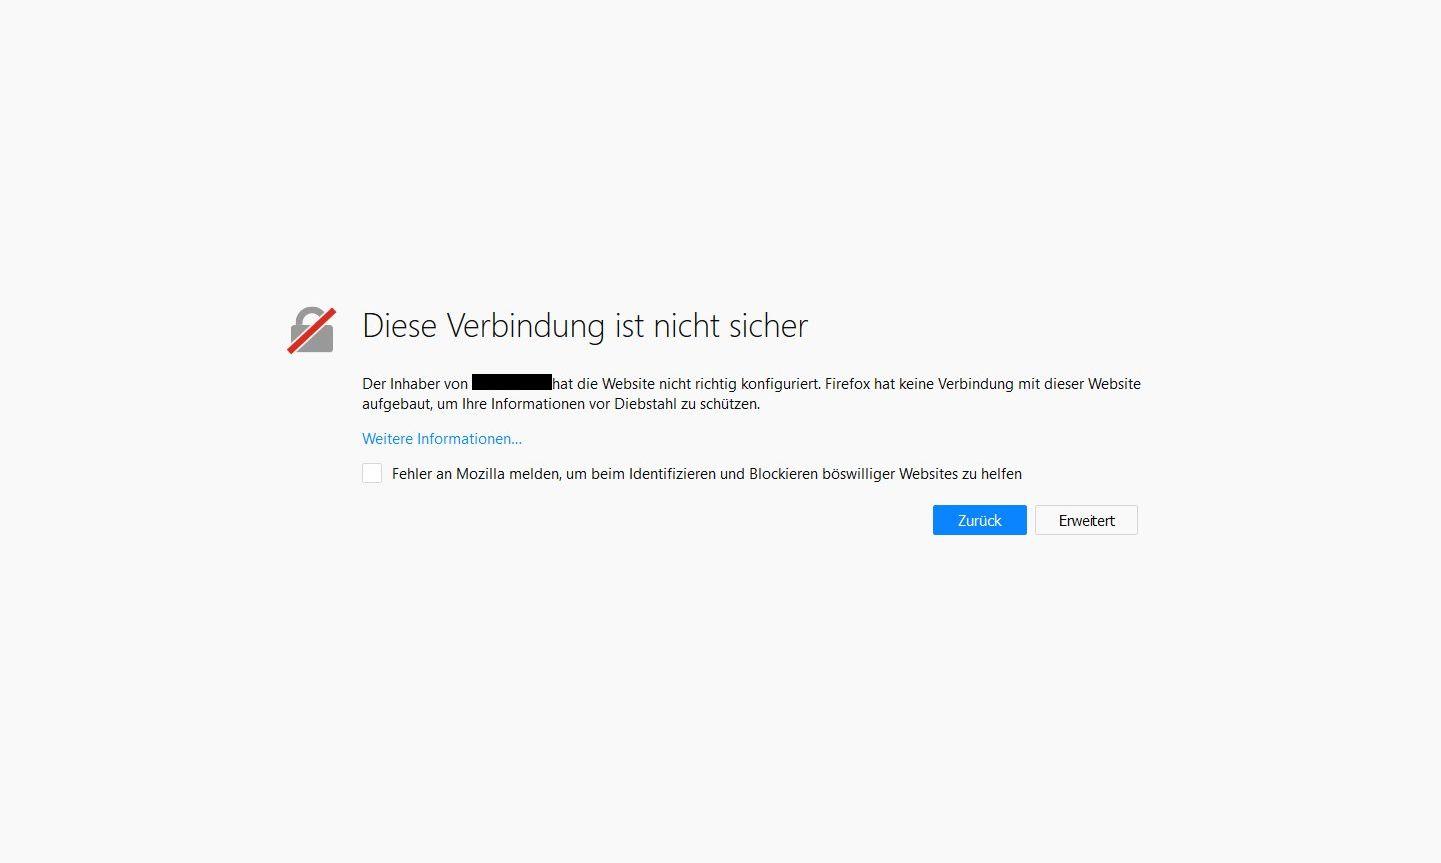 """Meldung: """"Diese Verbindung ist nicht sicher"""" – Was bedeutet dieser Hinweis, wie kann ich ihn deaktivieren und ist eine betroffene Webseite gefährlich im Sinne von Viren und anderer Schadsoftware?"""